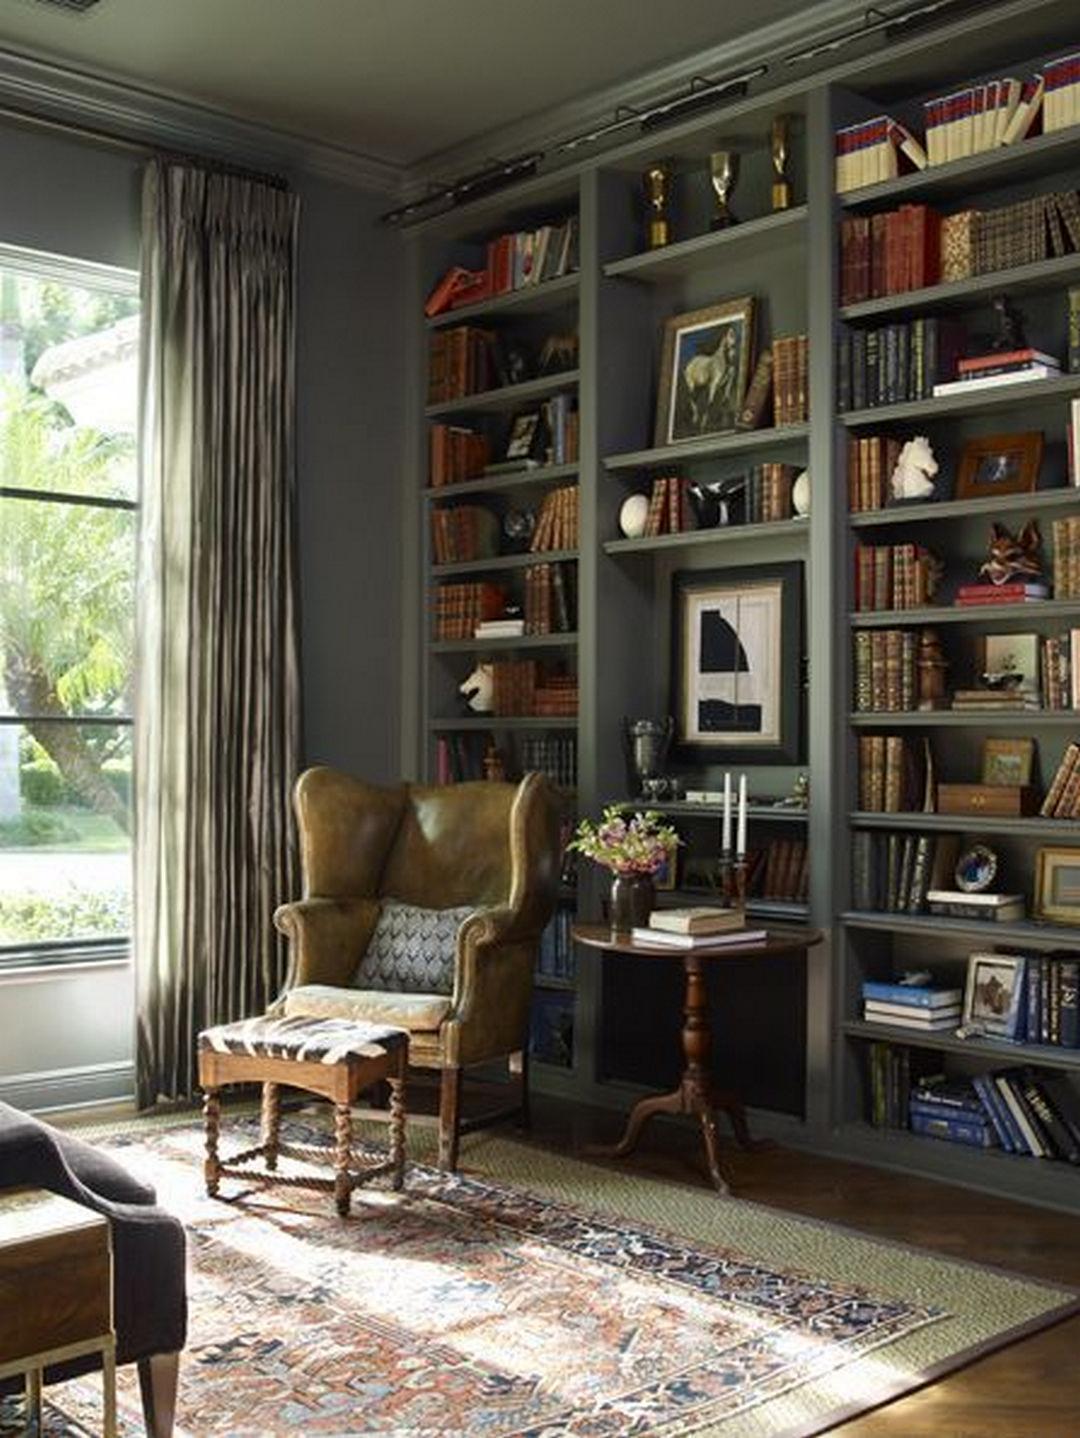 81 Cozy Home Library Interior Ideas Https Www Futuristarchitecture Com 13519 Home Library Html Cozy Home Library Home Library Design Home